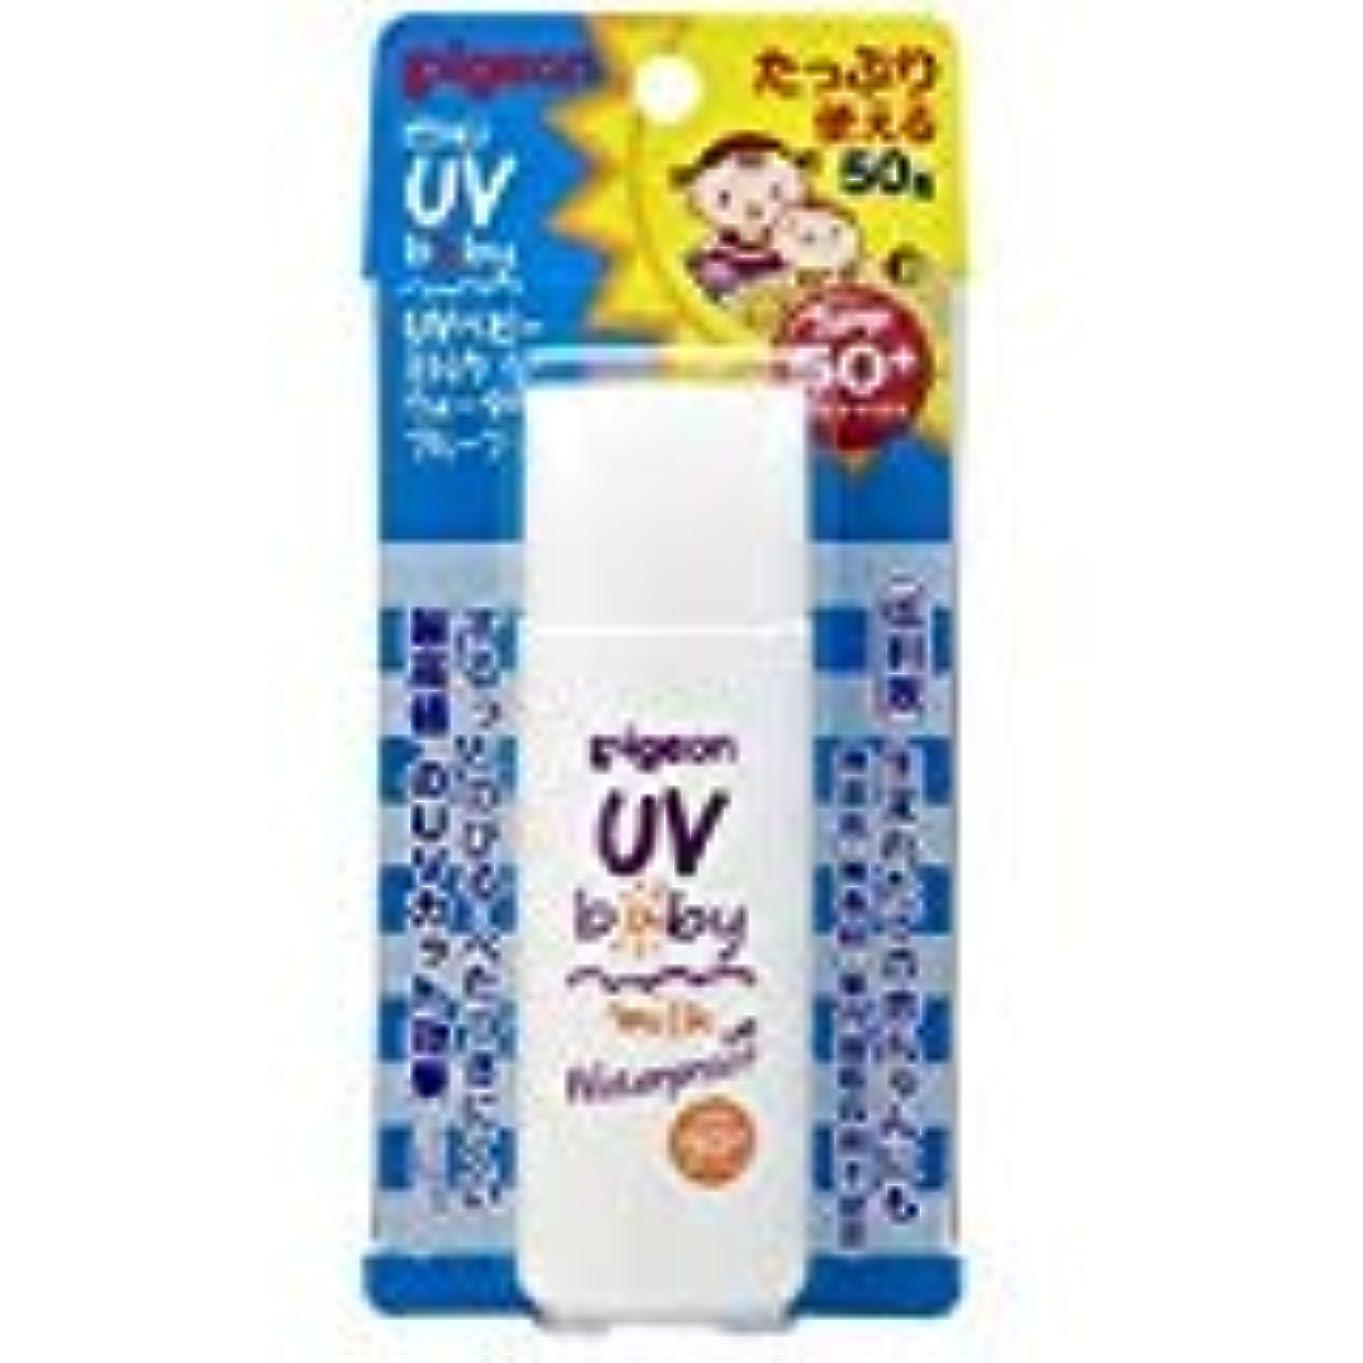 意味アジア乳製品ピジョン UVベビーミルク ウォータープルーフ SPF50+ 50g